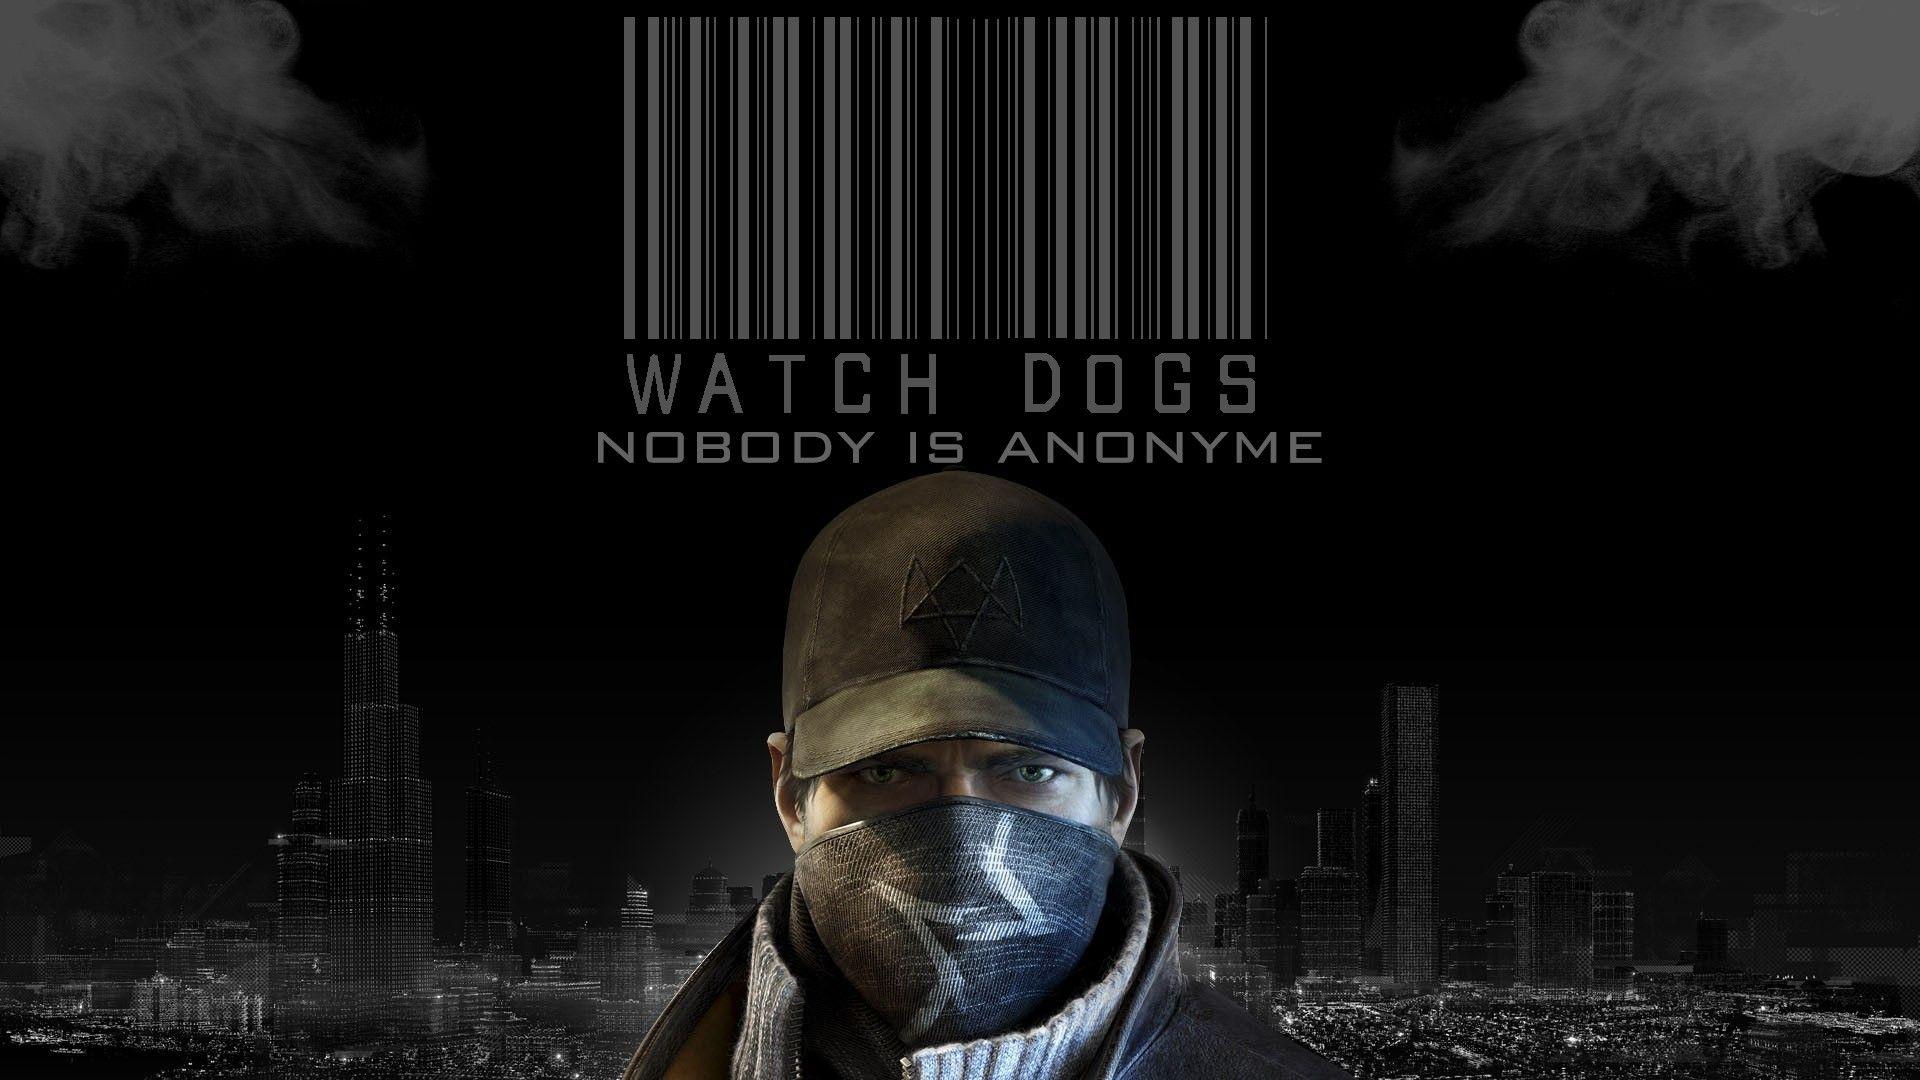 Watch Dogs 1080p Hd Wallpaper Gamess Dsasdas Pinterest Dogs